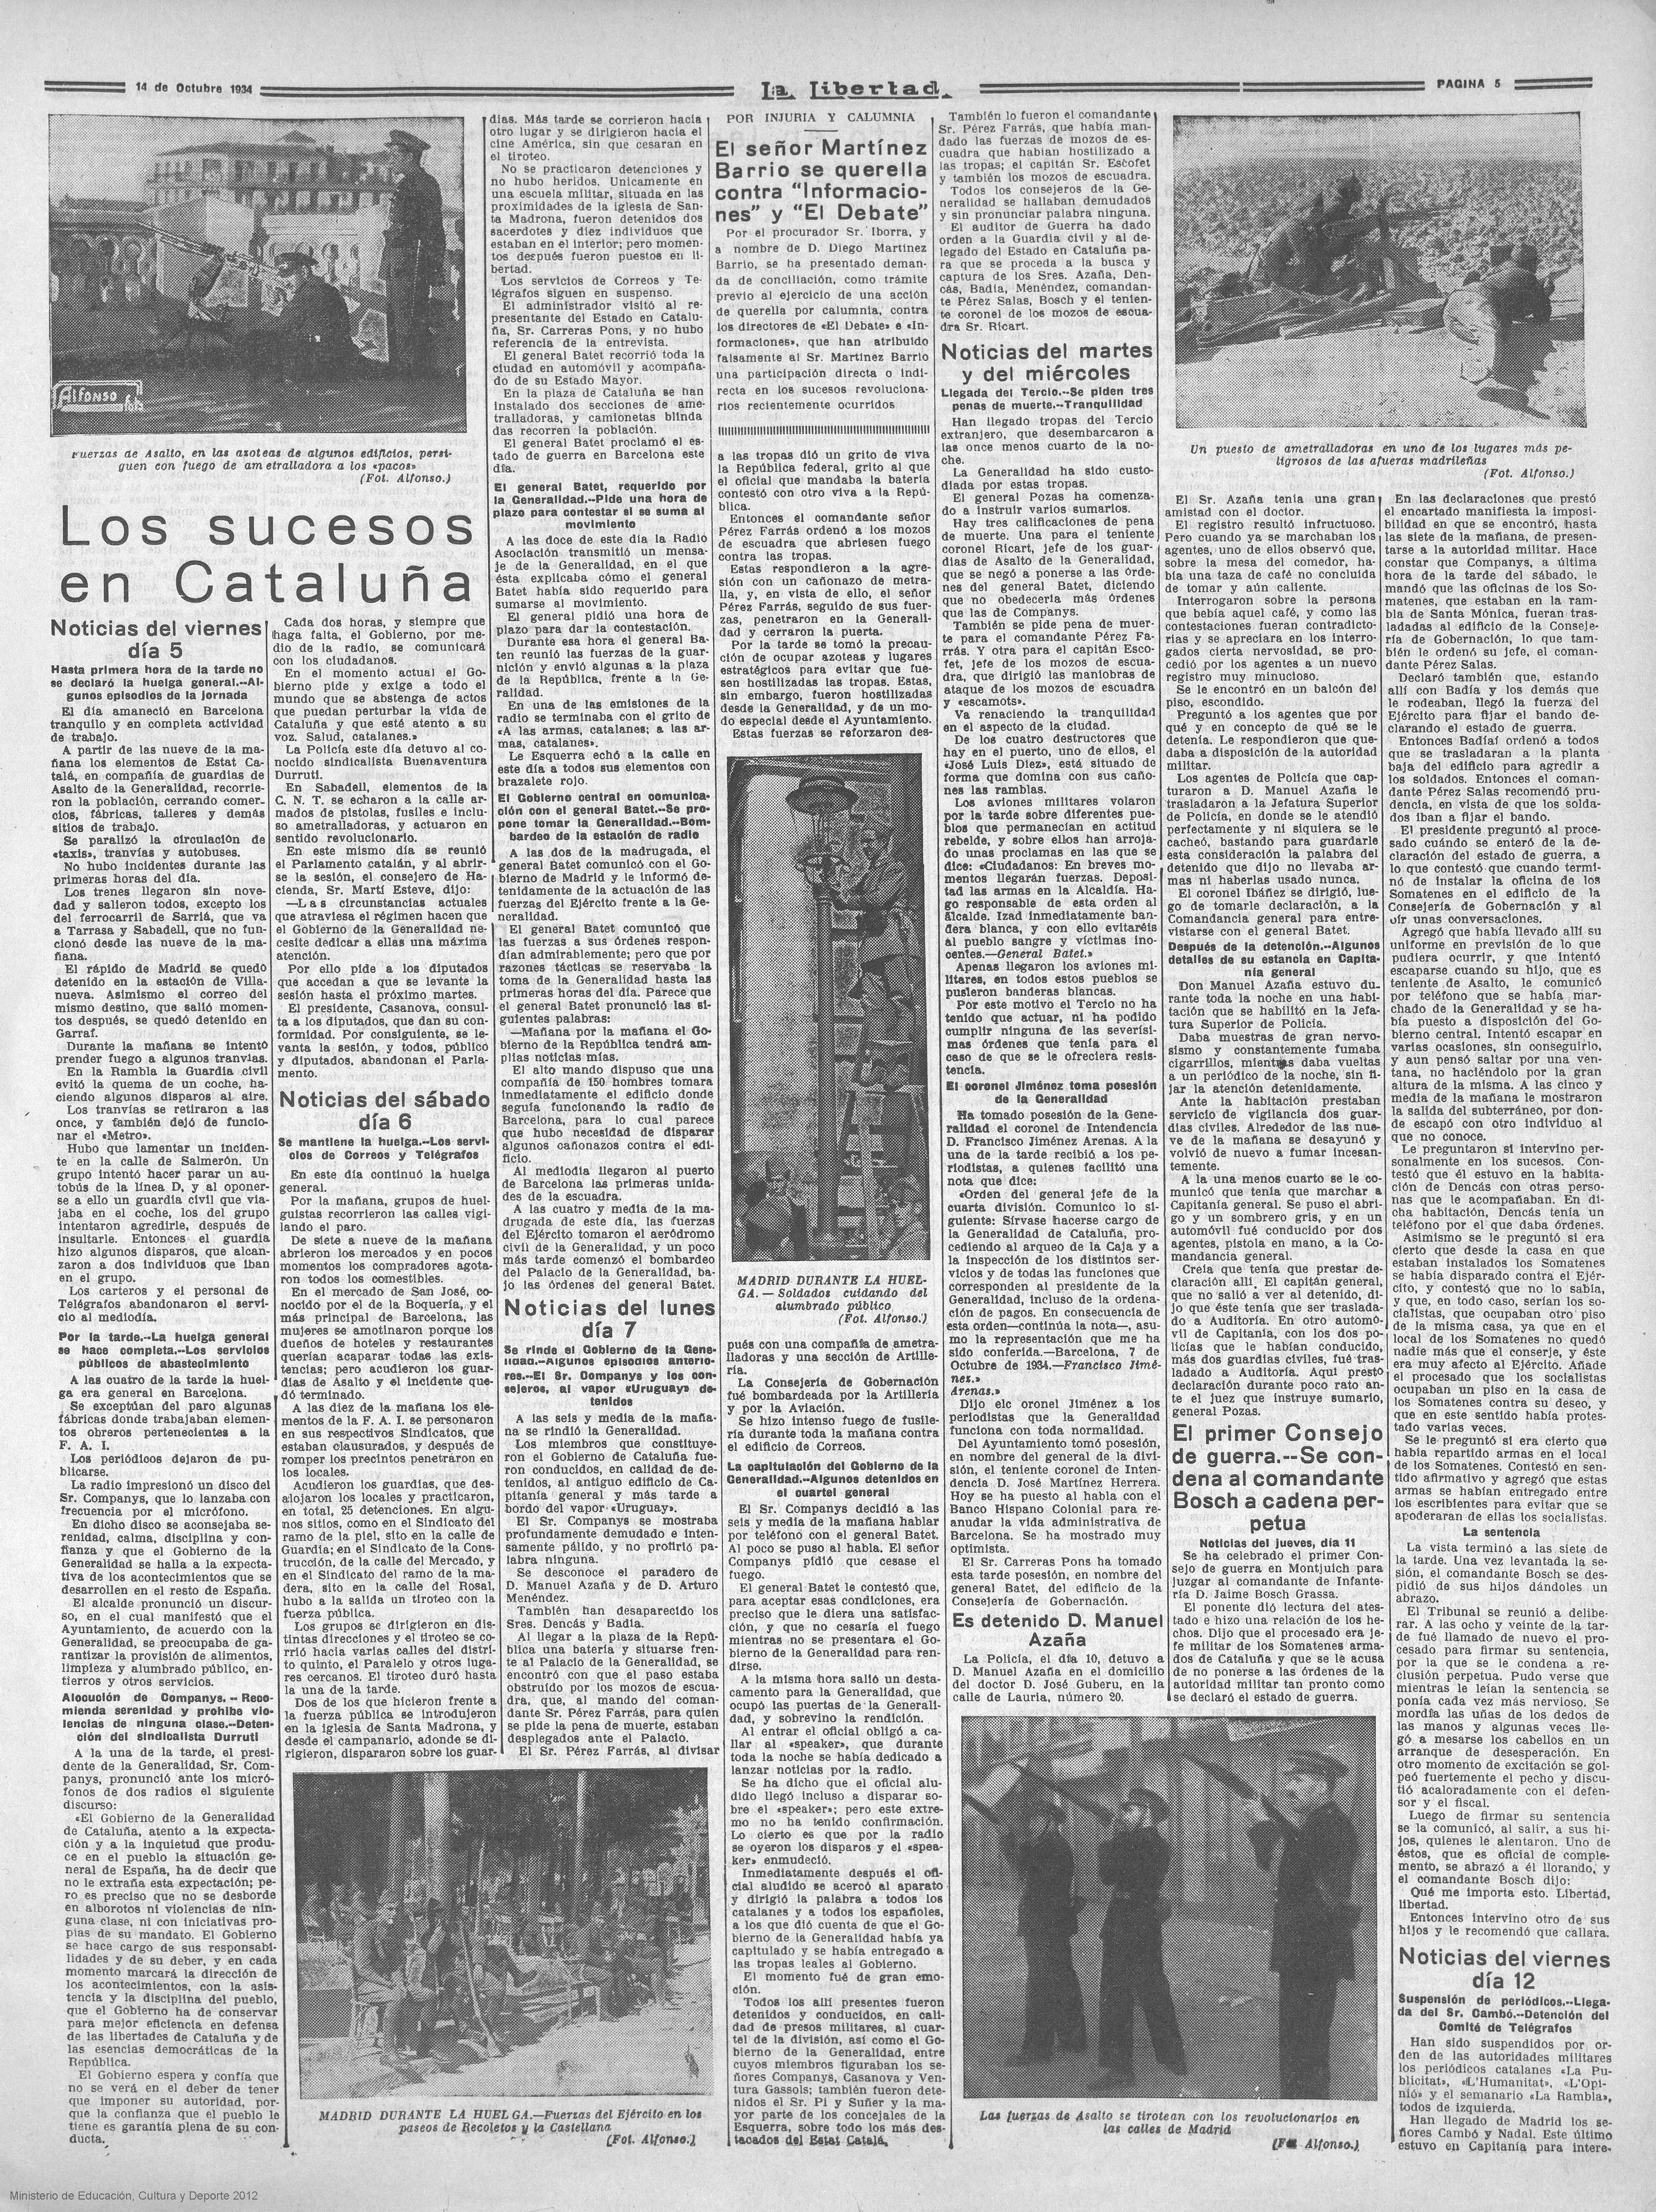 La Libertad, 14 de octubre de 1934, p. 5.